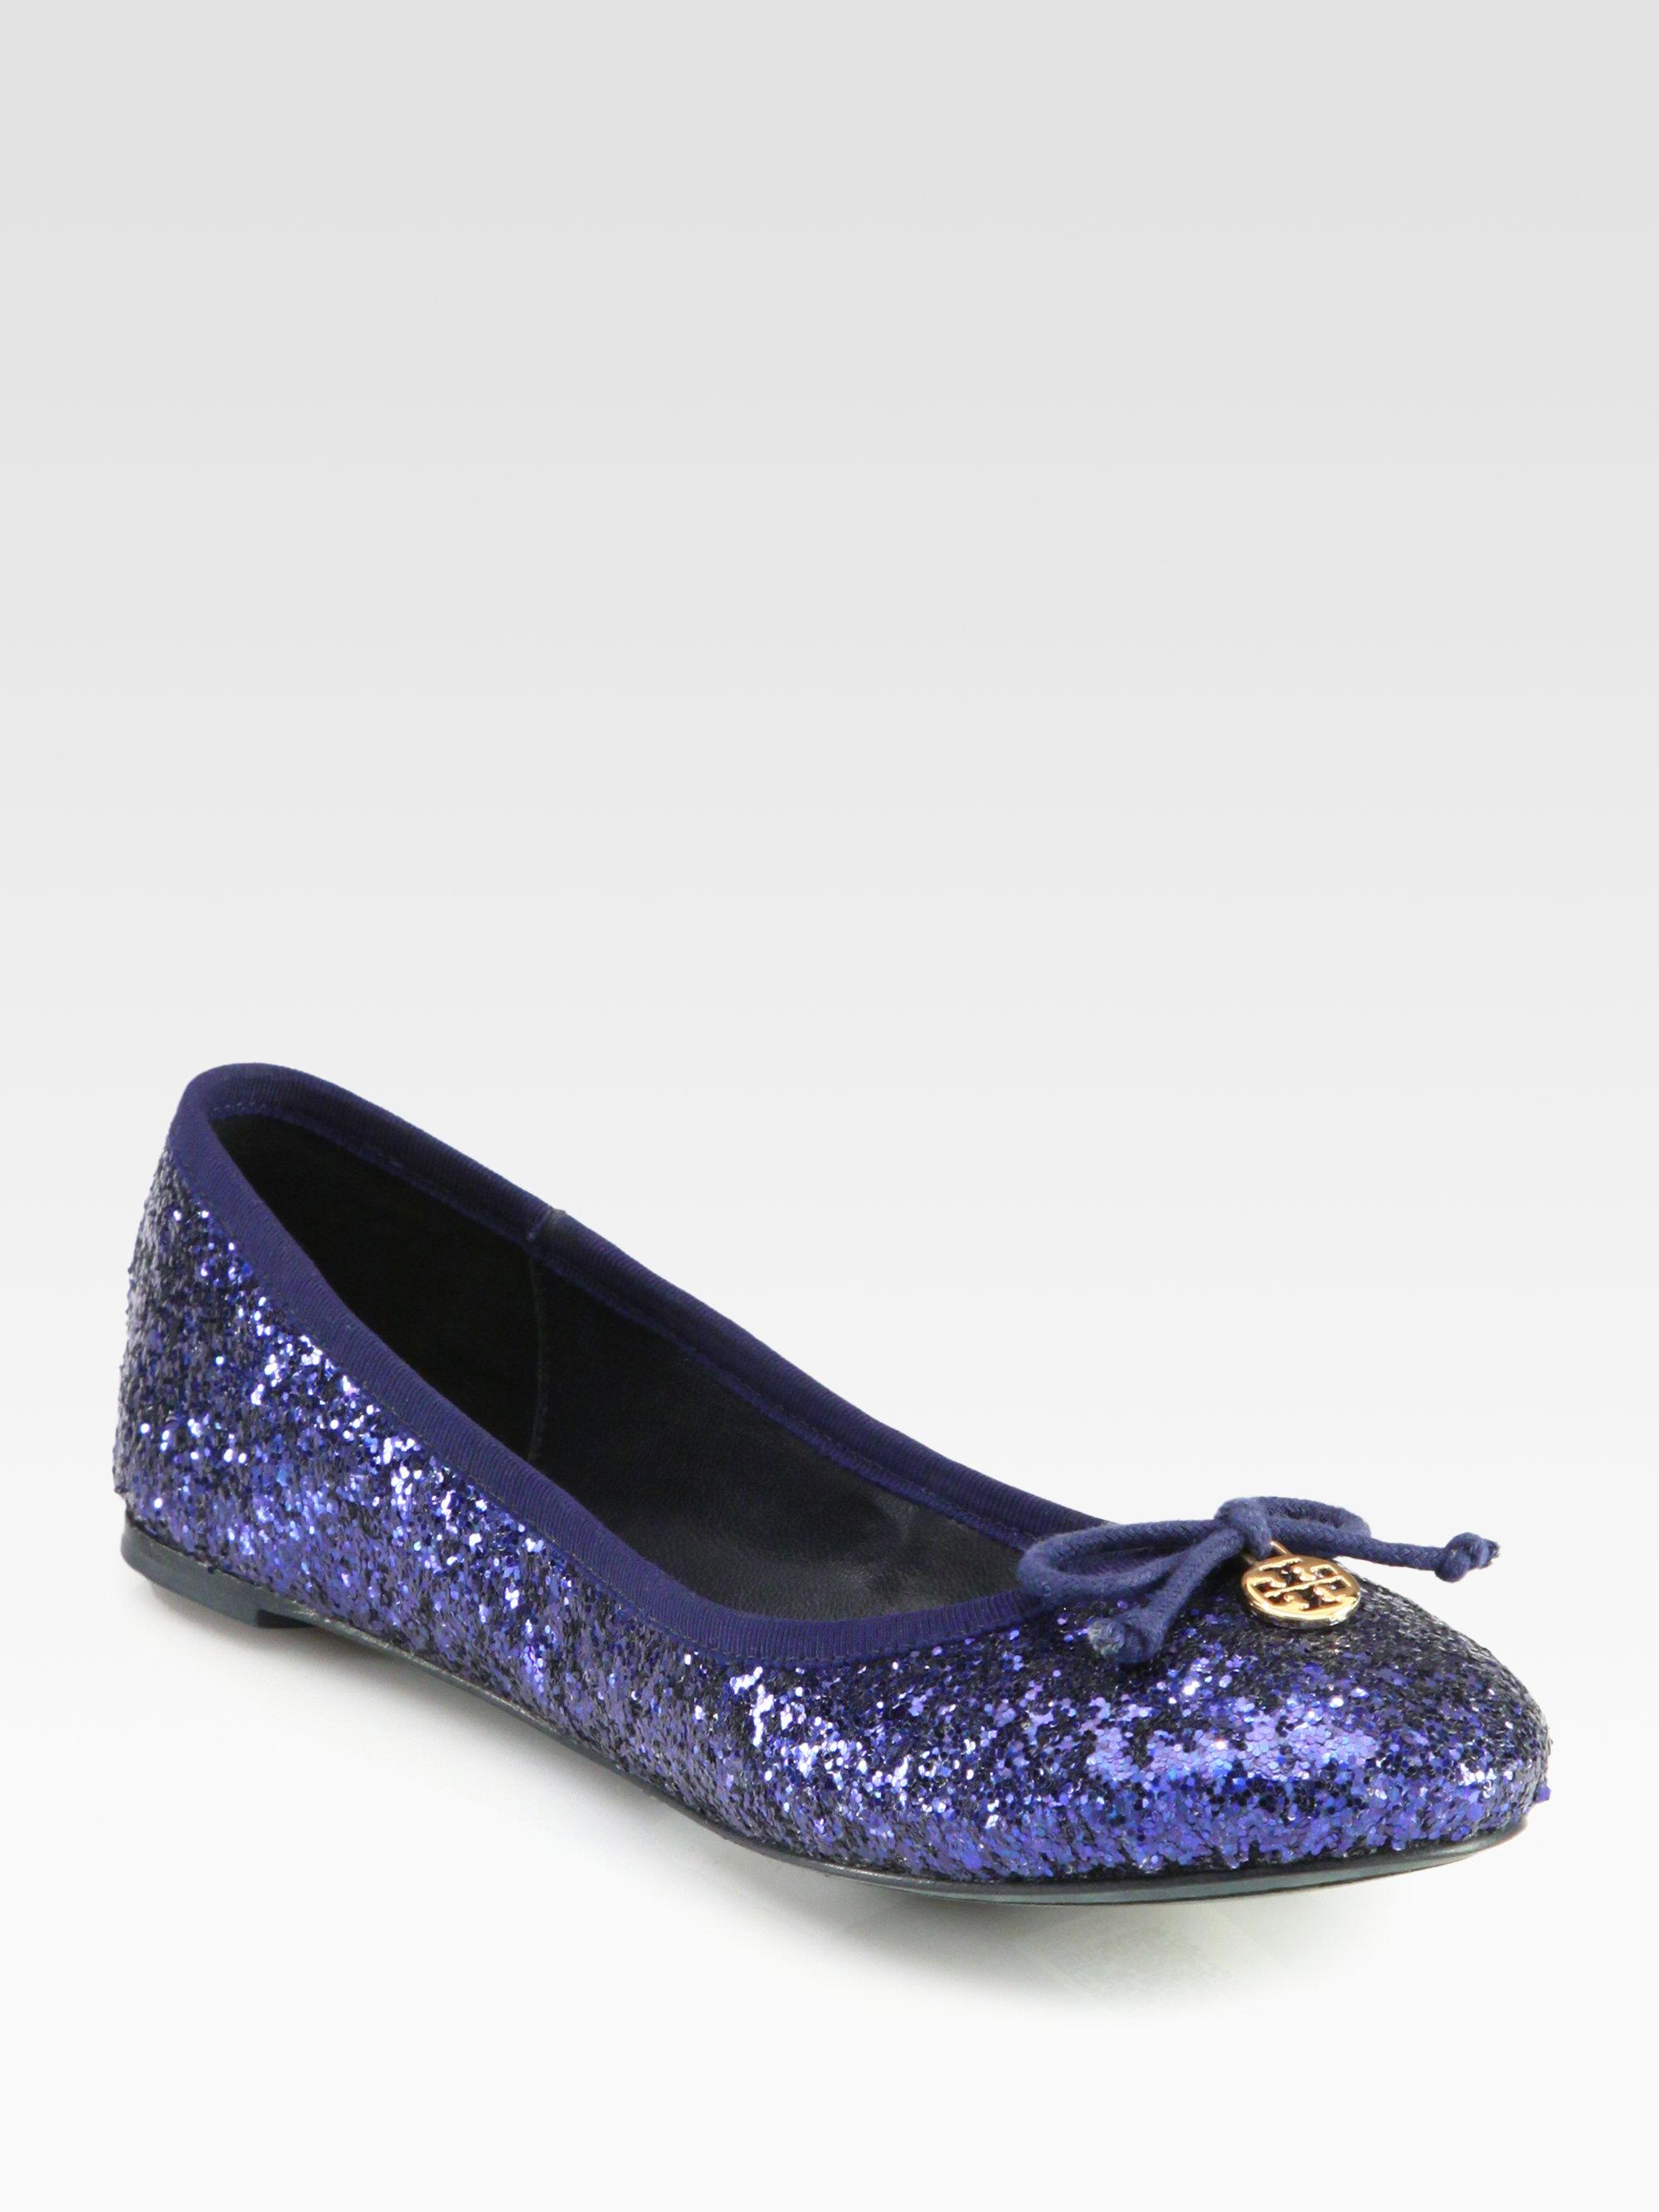 45eee82ec089 Tory Burch Chelsea Glitter Ballet Flats in Blue - Lyst